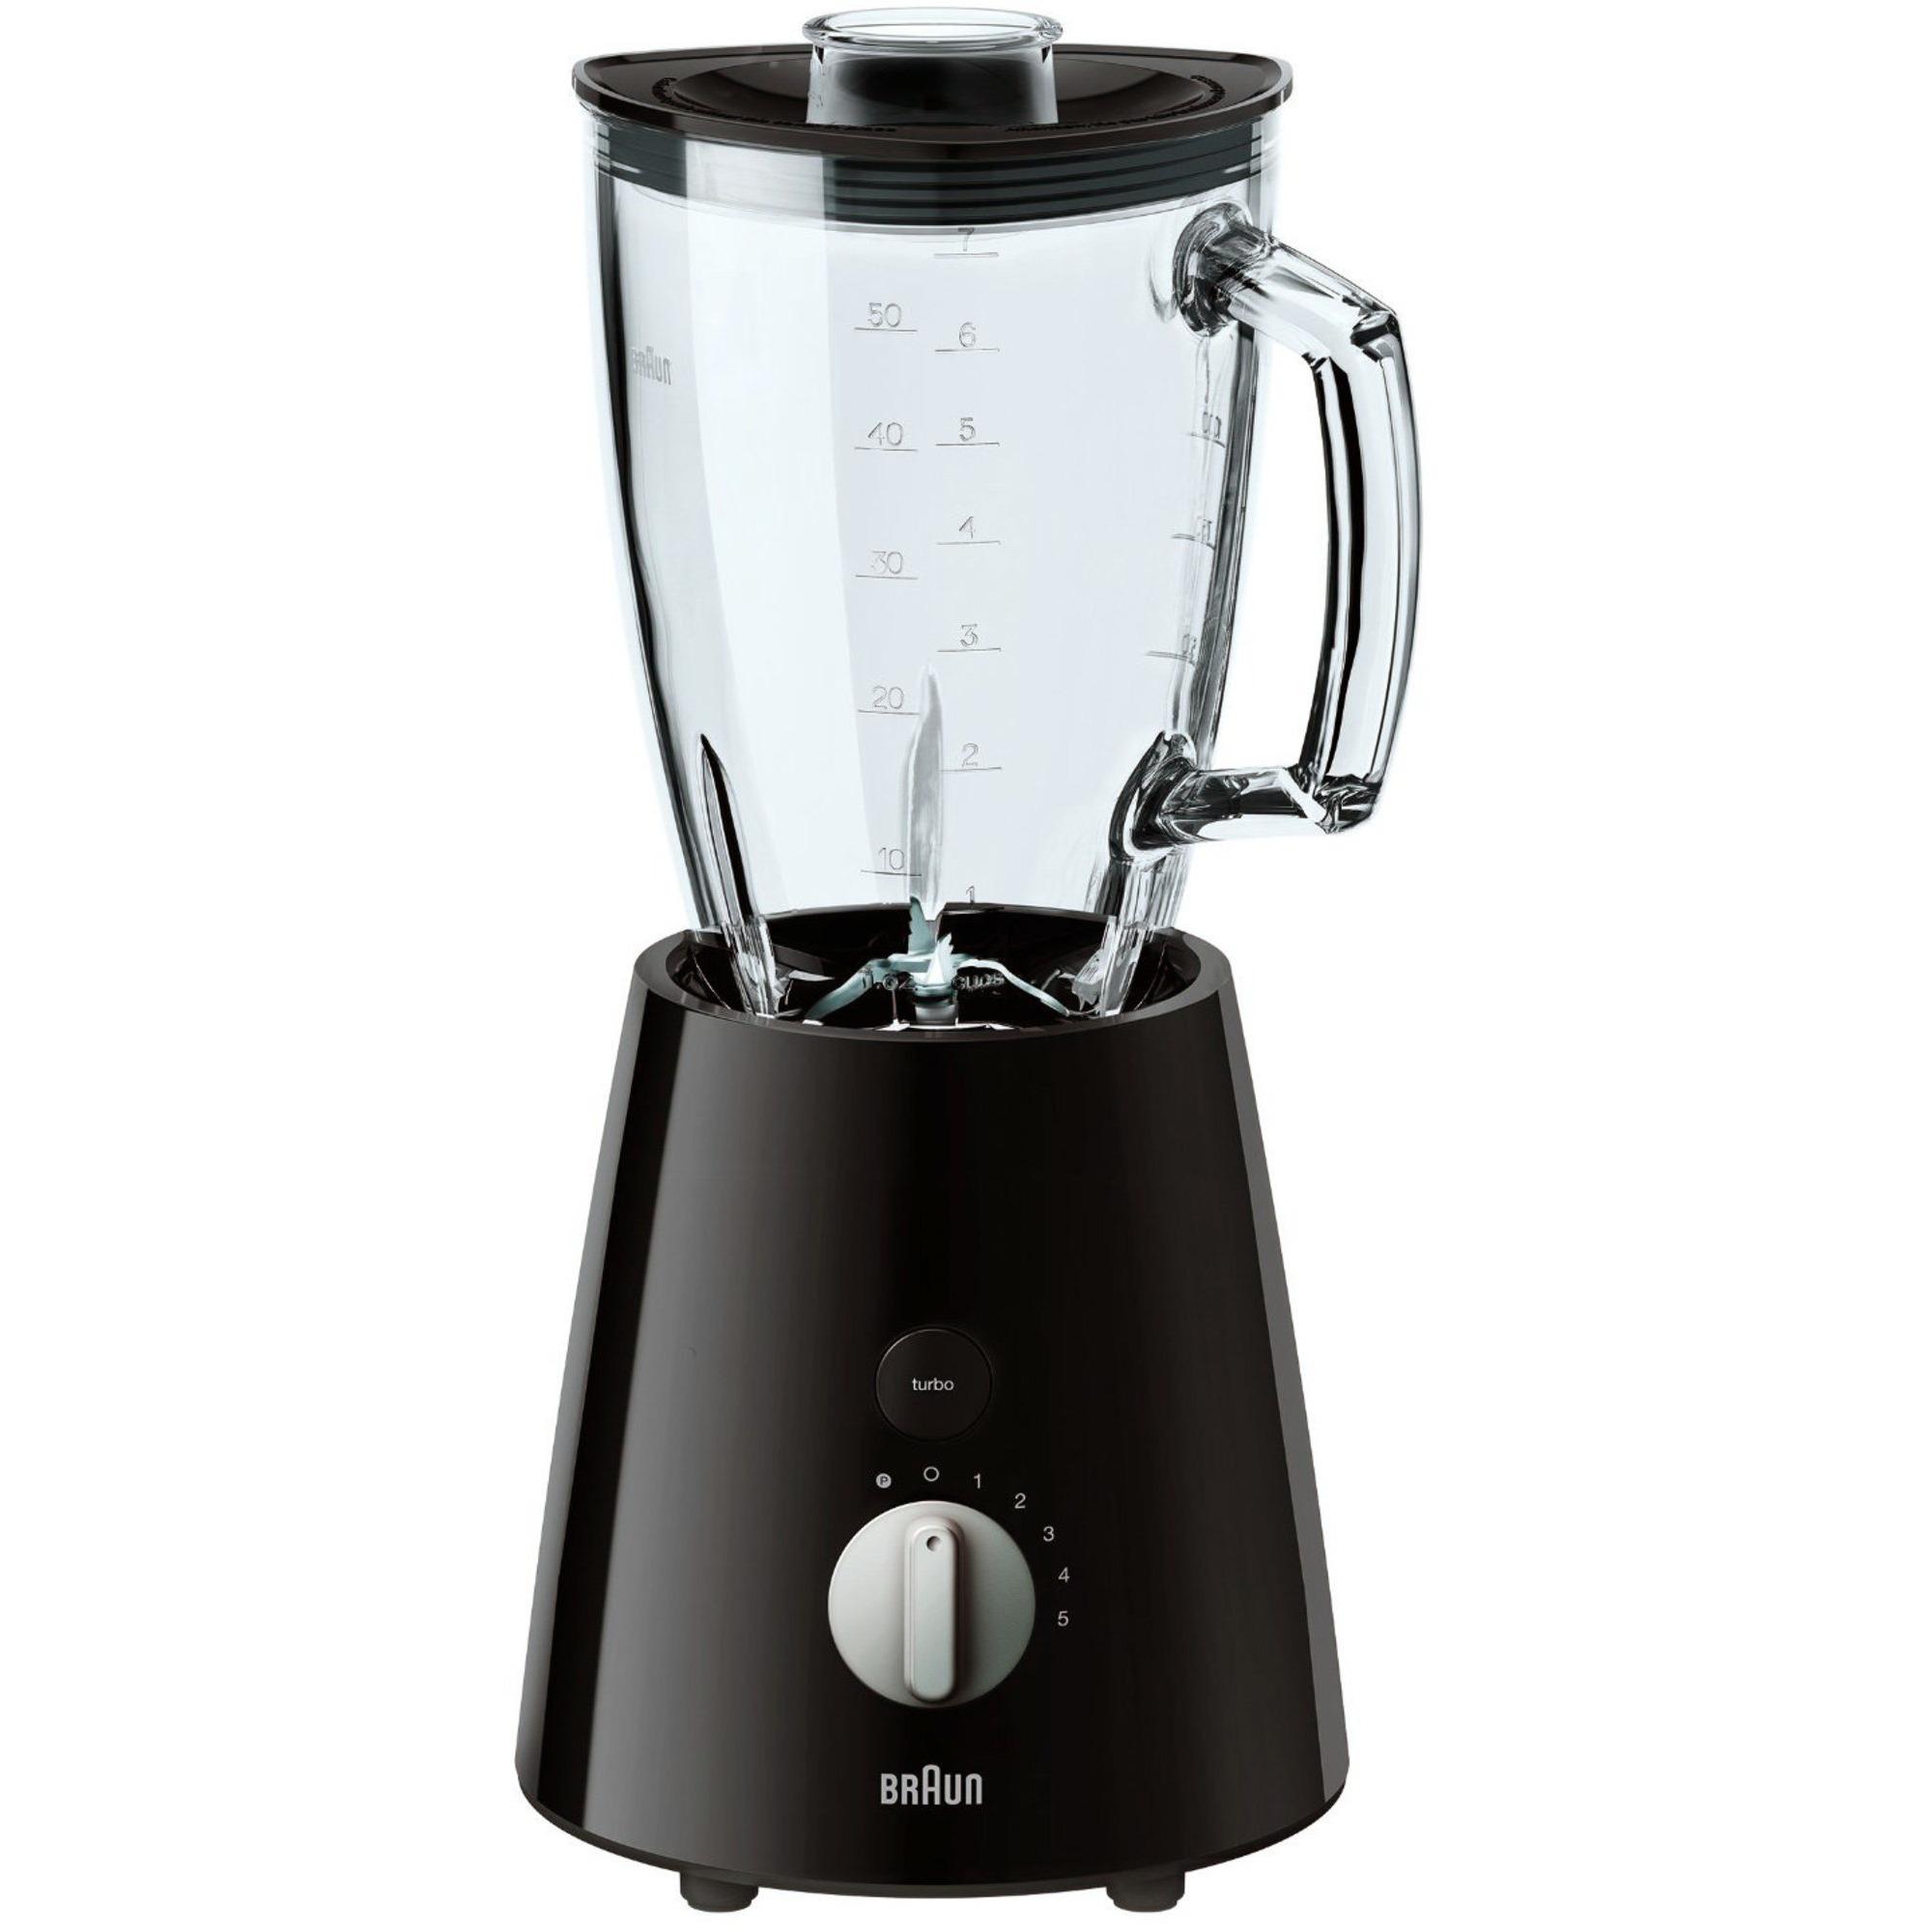 Braun Mixer Glas JB3060 BL